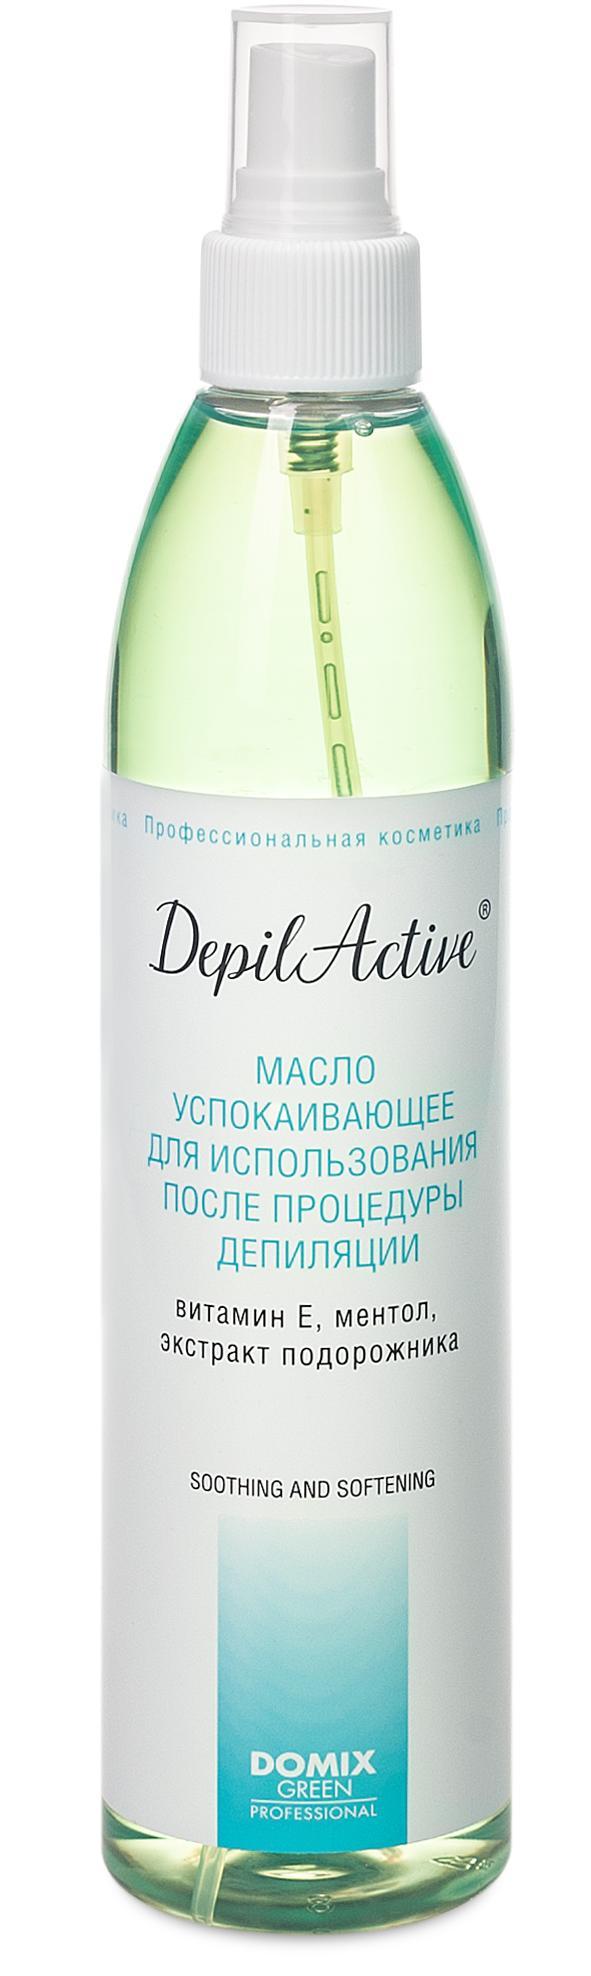 DOMIX Масло успокаивающее для использования после процедуры депиляции / Depil Active 320мл